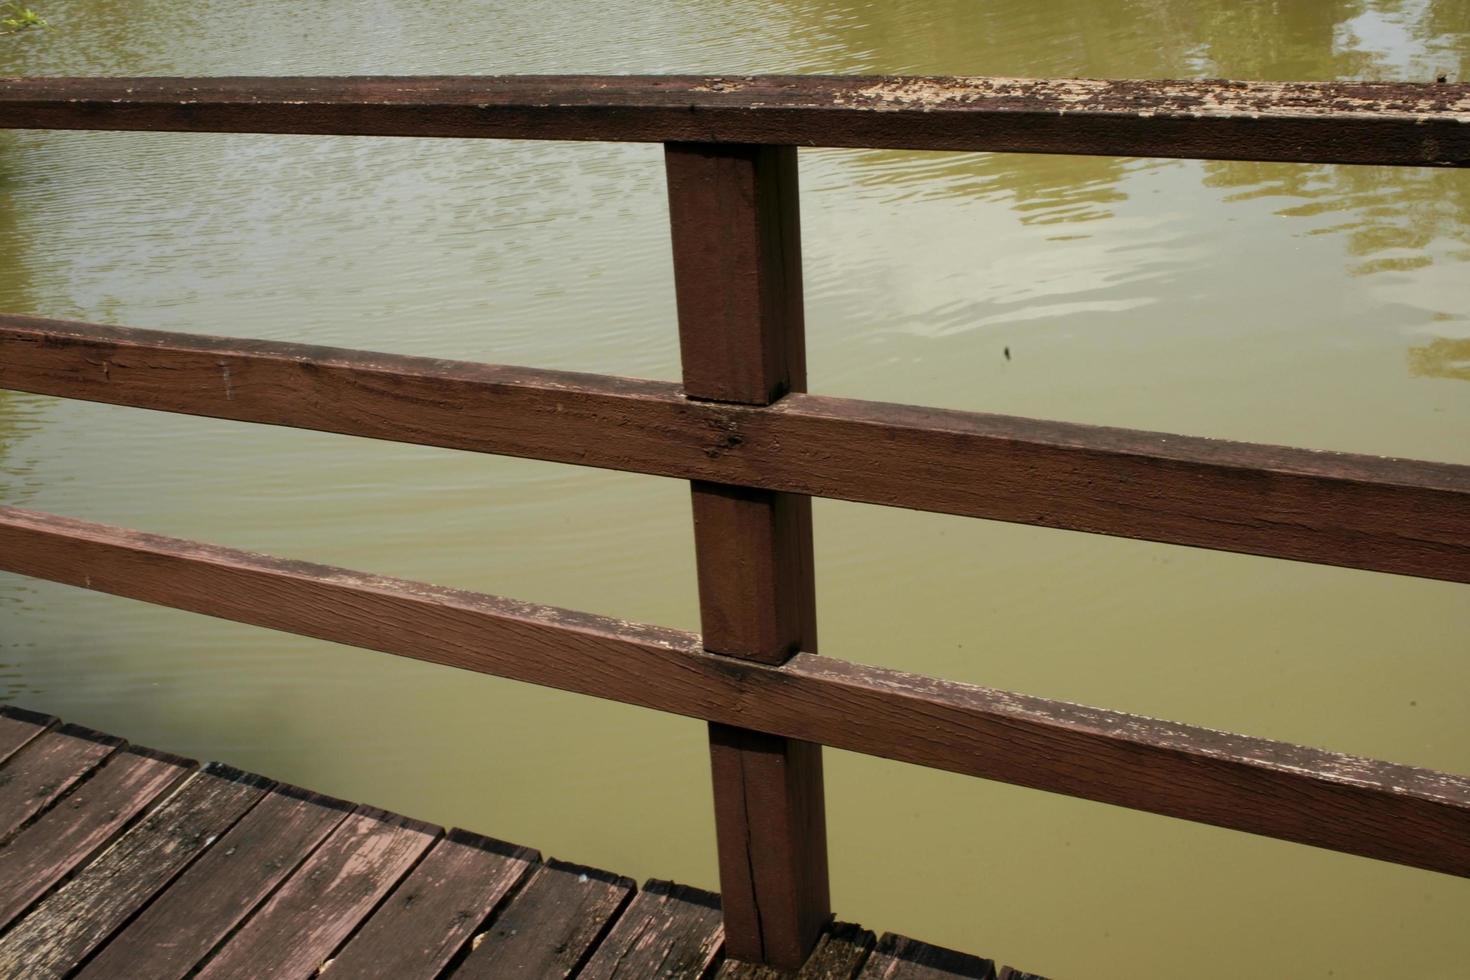 recinzione metallica vicino all'acqua foto